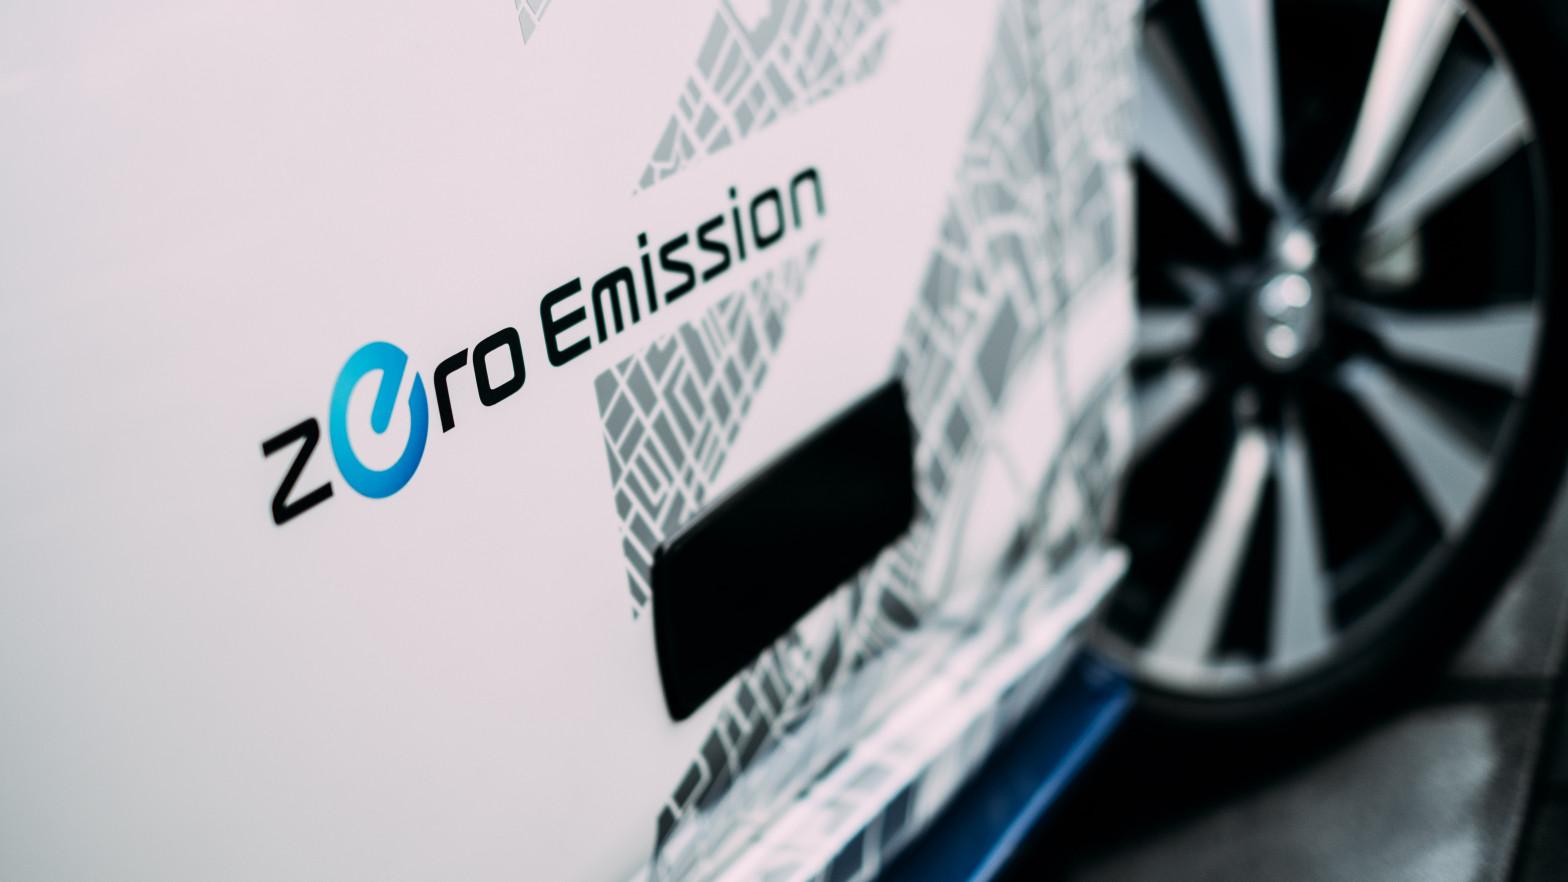 Tres millones de coches eléctricos y 340.000 puntos de recarga, objetivo para 2030